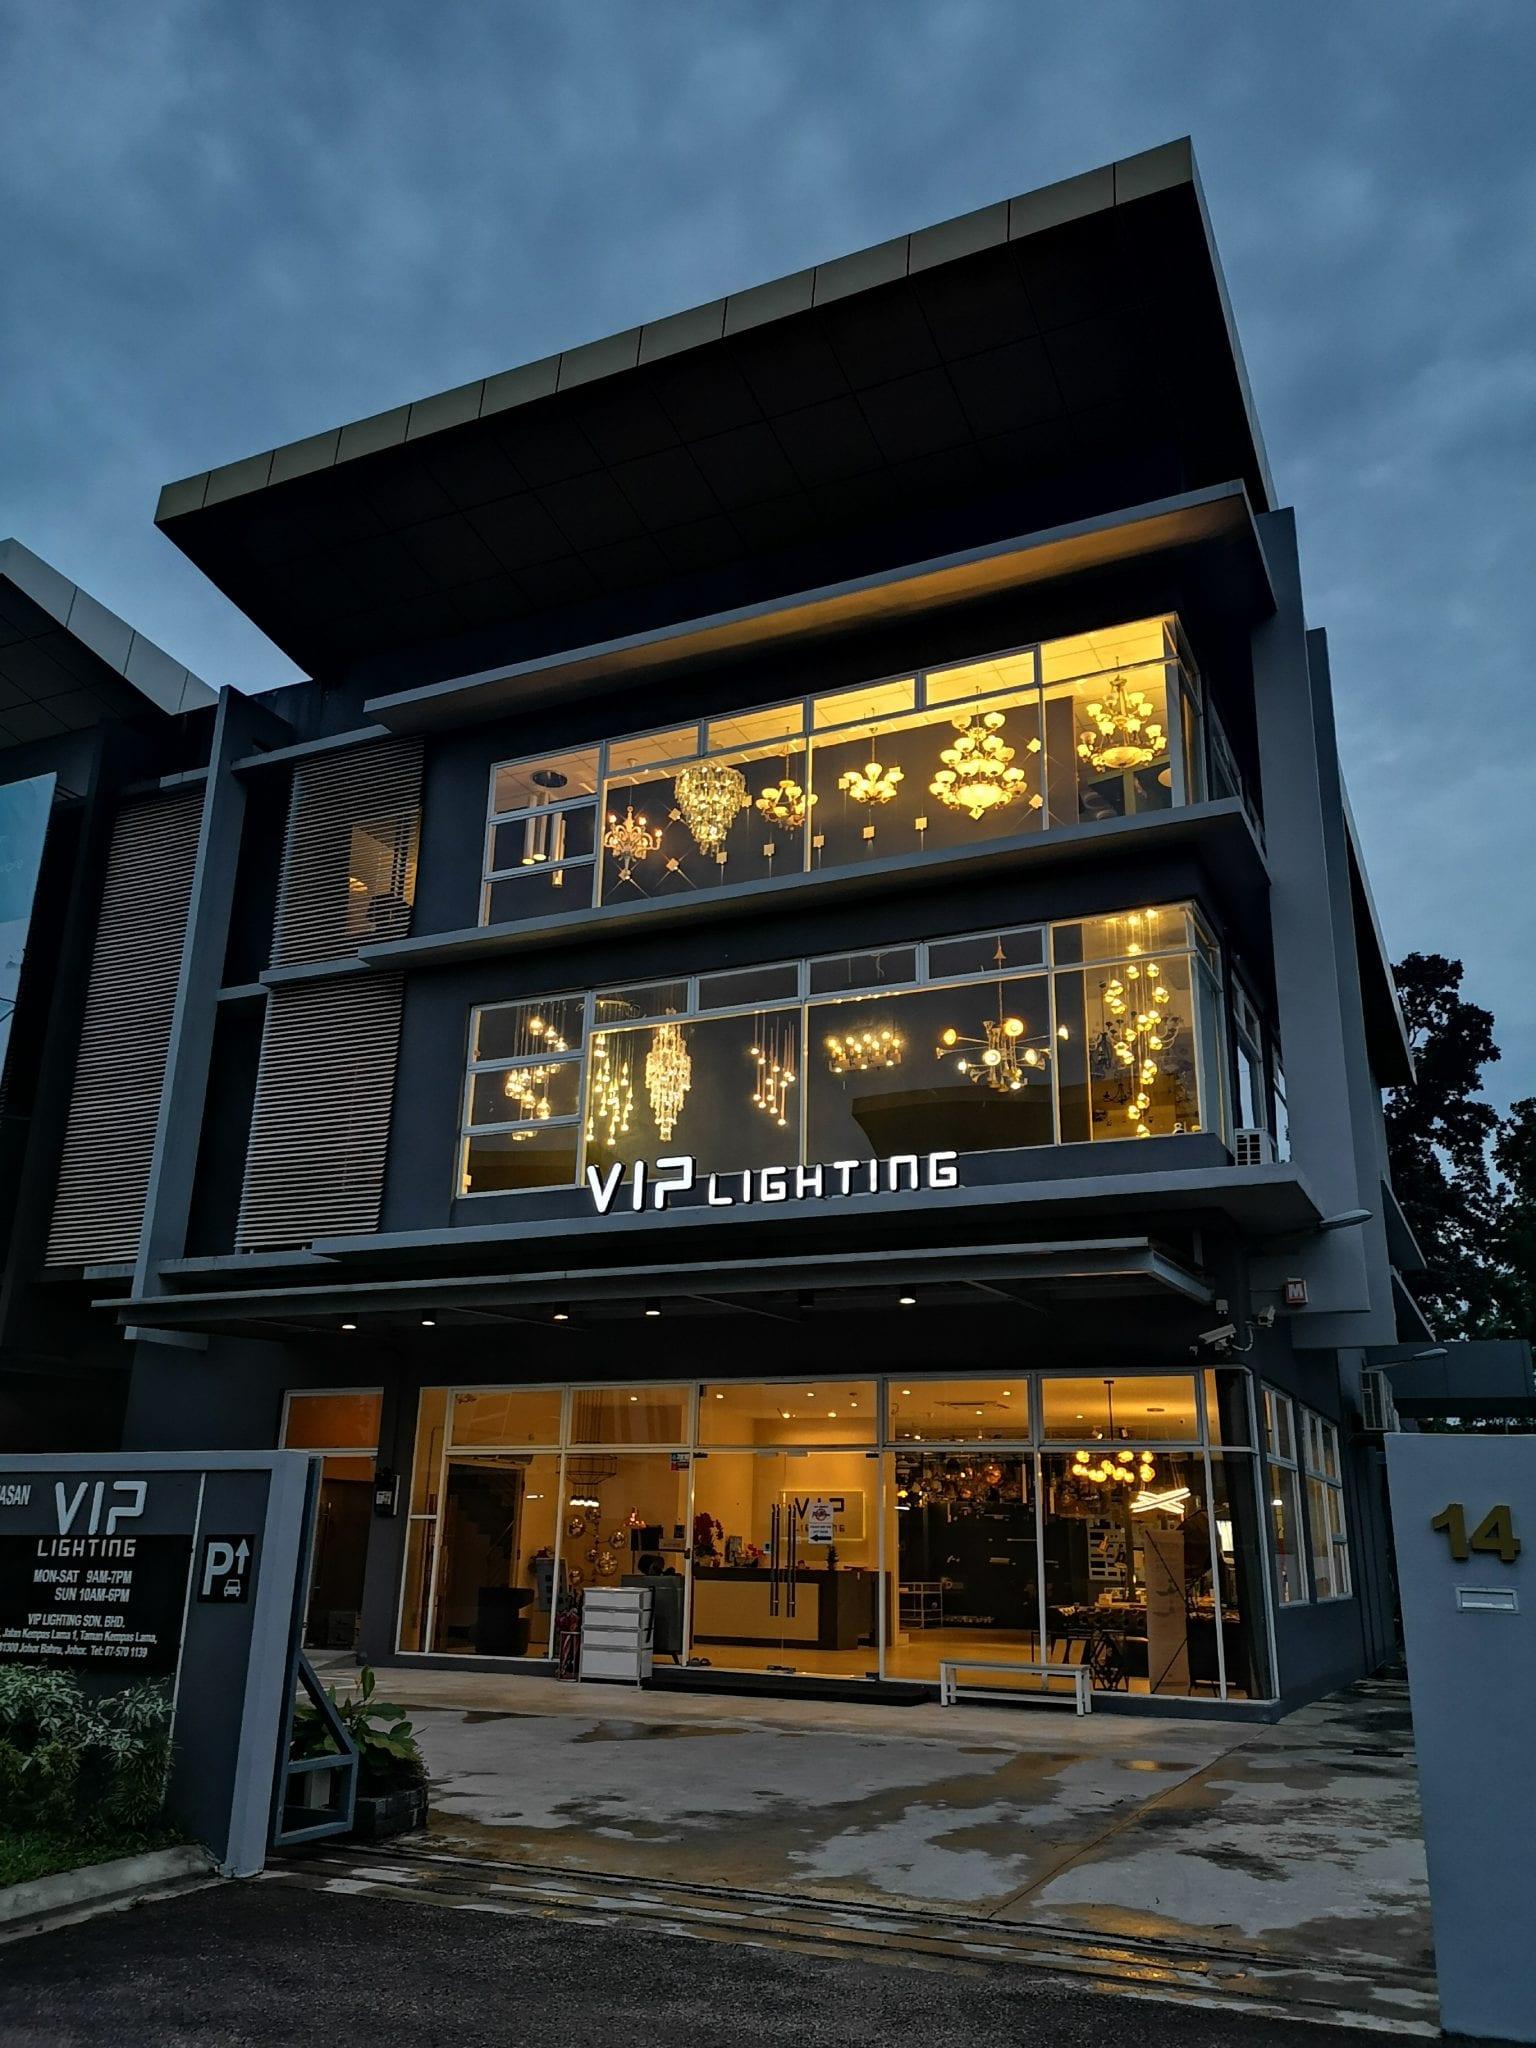 VIP Lighting